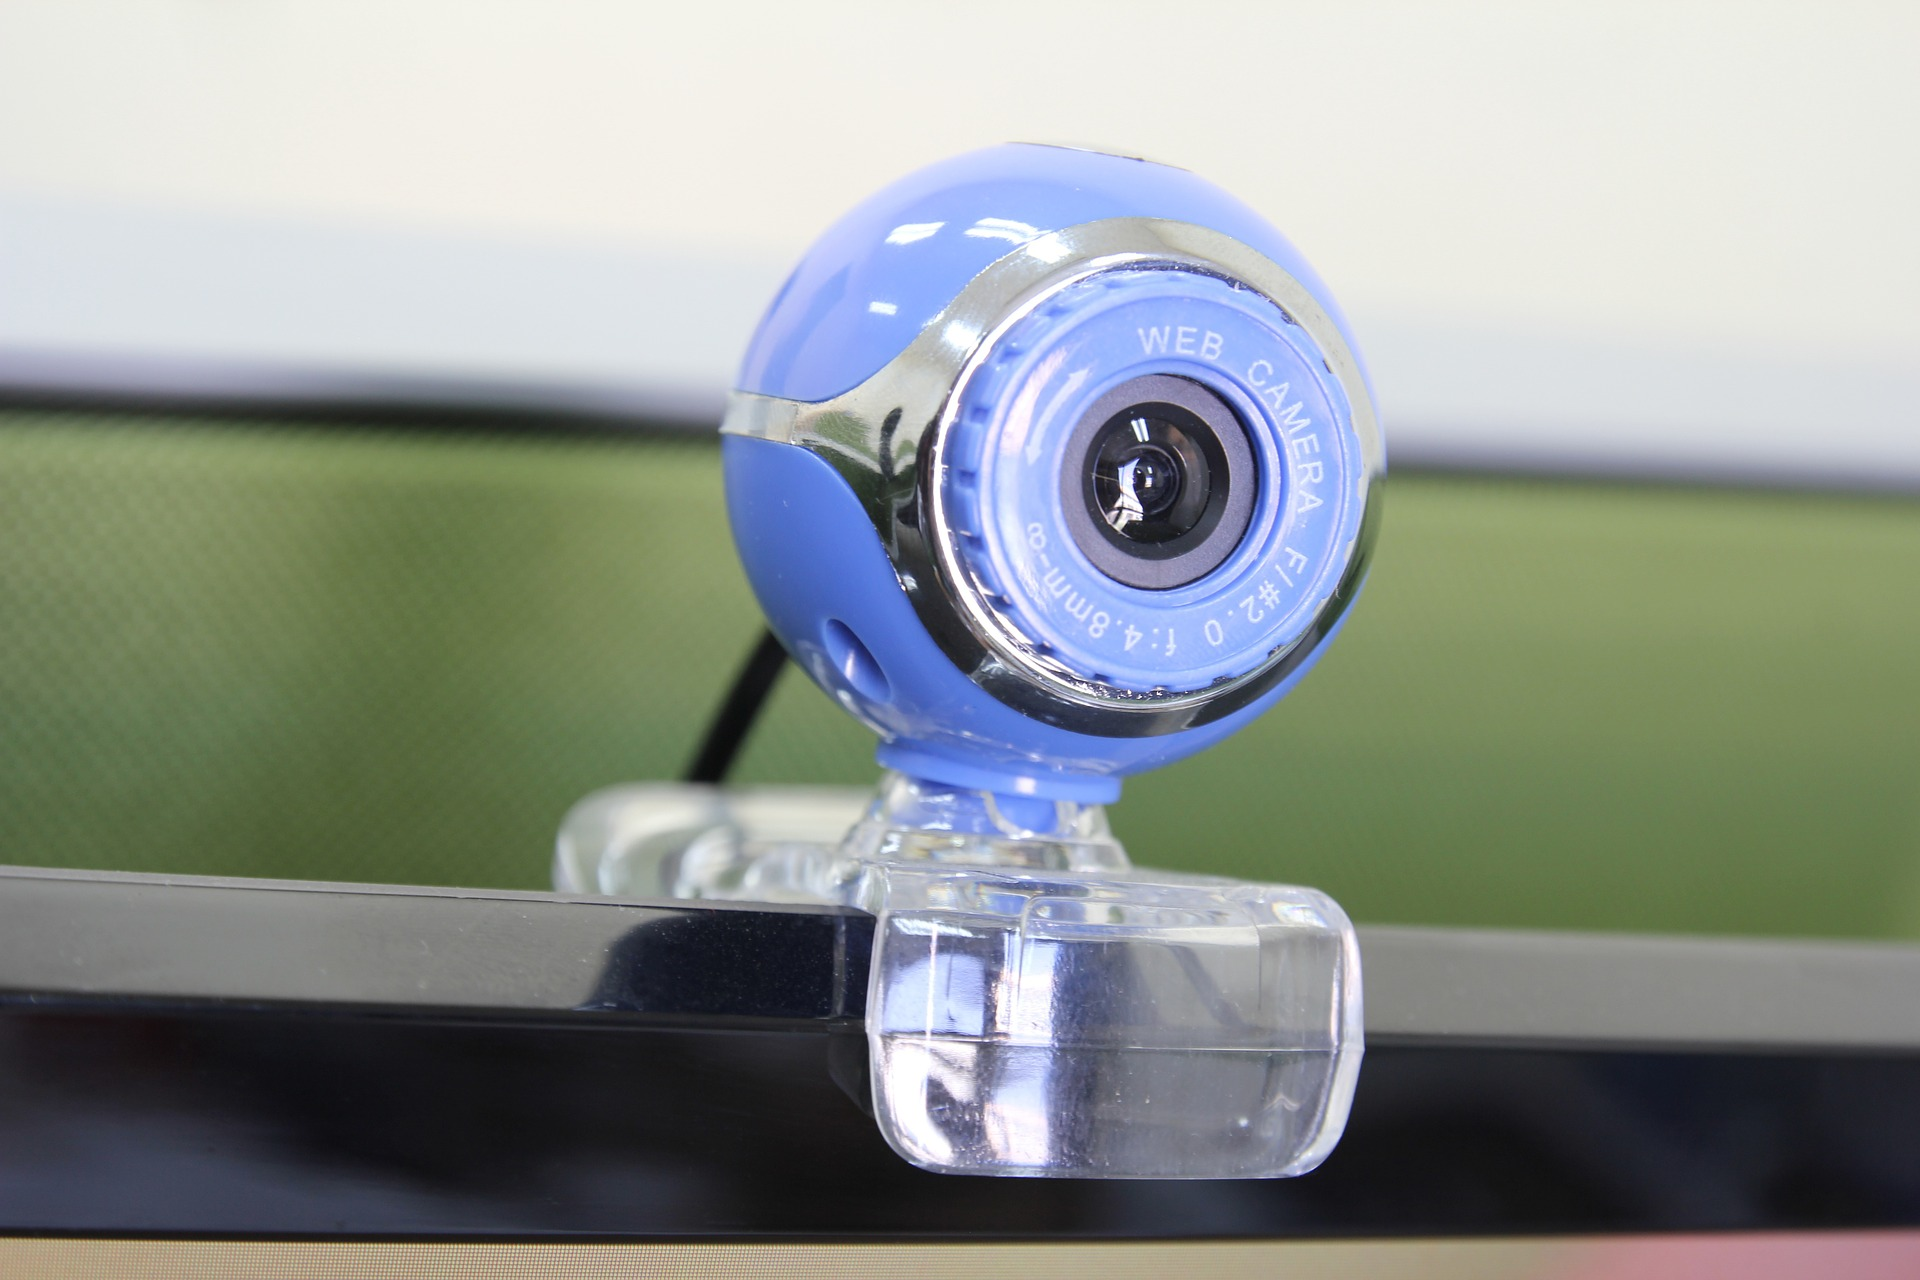 Über 300 Millionen Nutzer: Dieses Homeoffice-Tool hat Sicherheitslücken